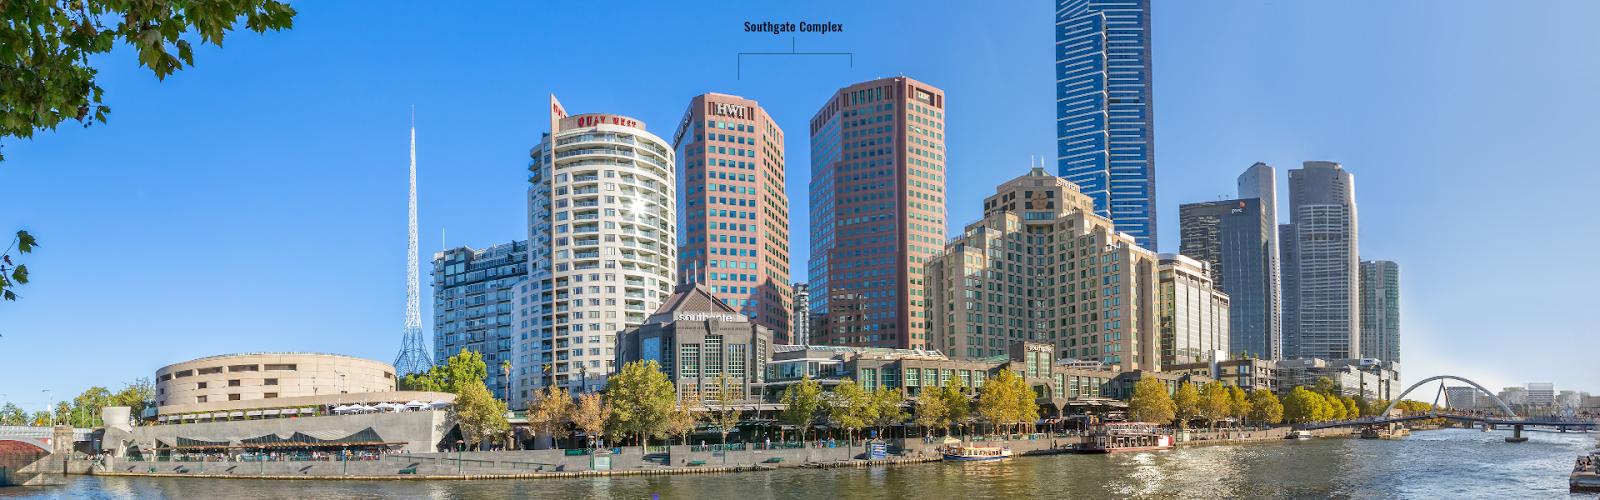 Suntec REIT - Australia Property, Southgate Complex